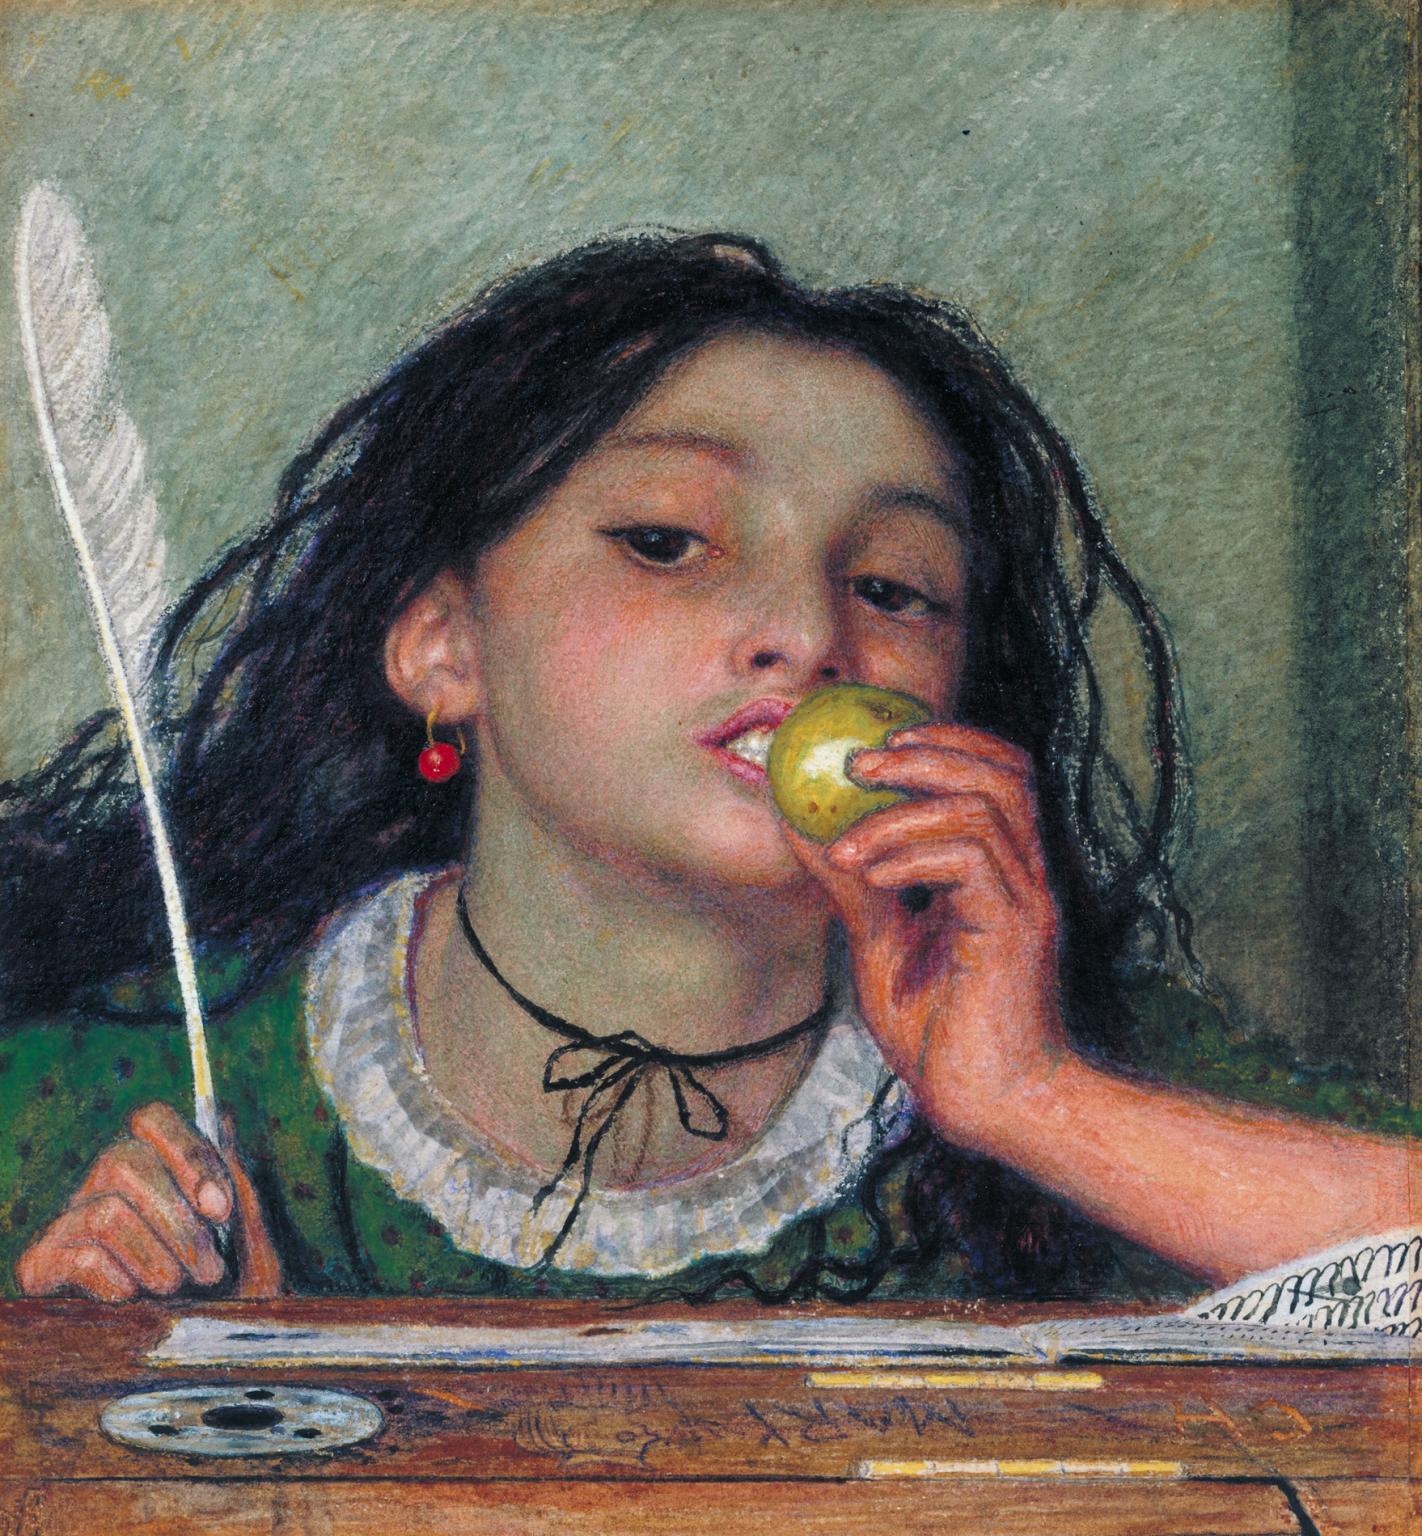 Ford Madox Brown, Cattivo soggetto (1863; acquerello su carta, 23,2 x 21 cm; Londra, Tate Britain)